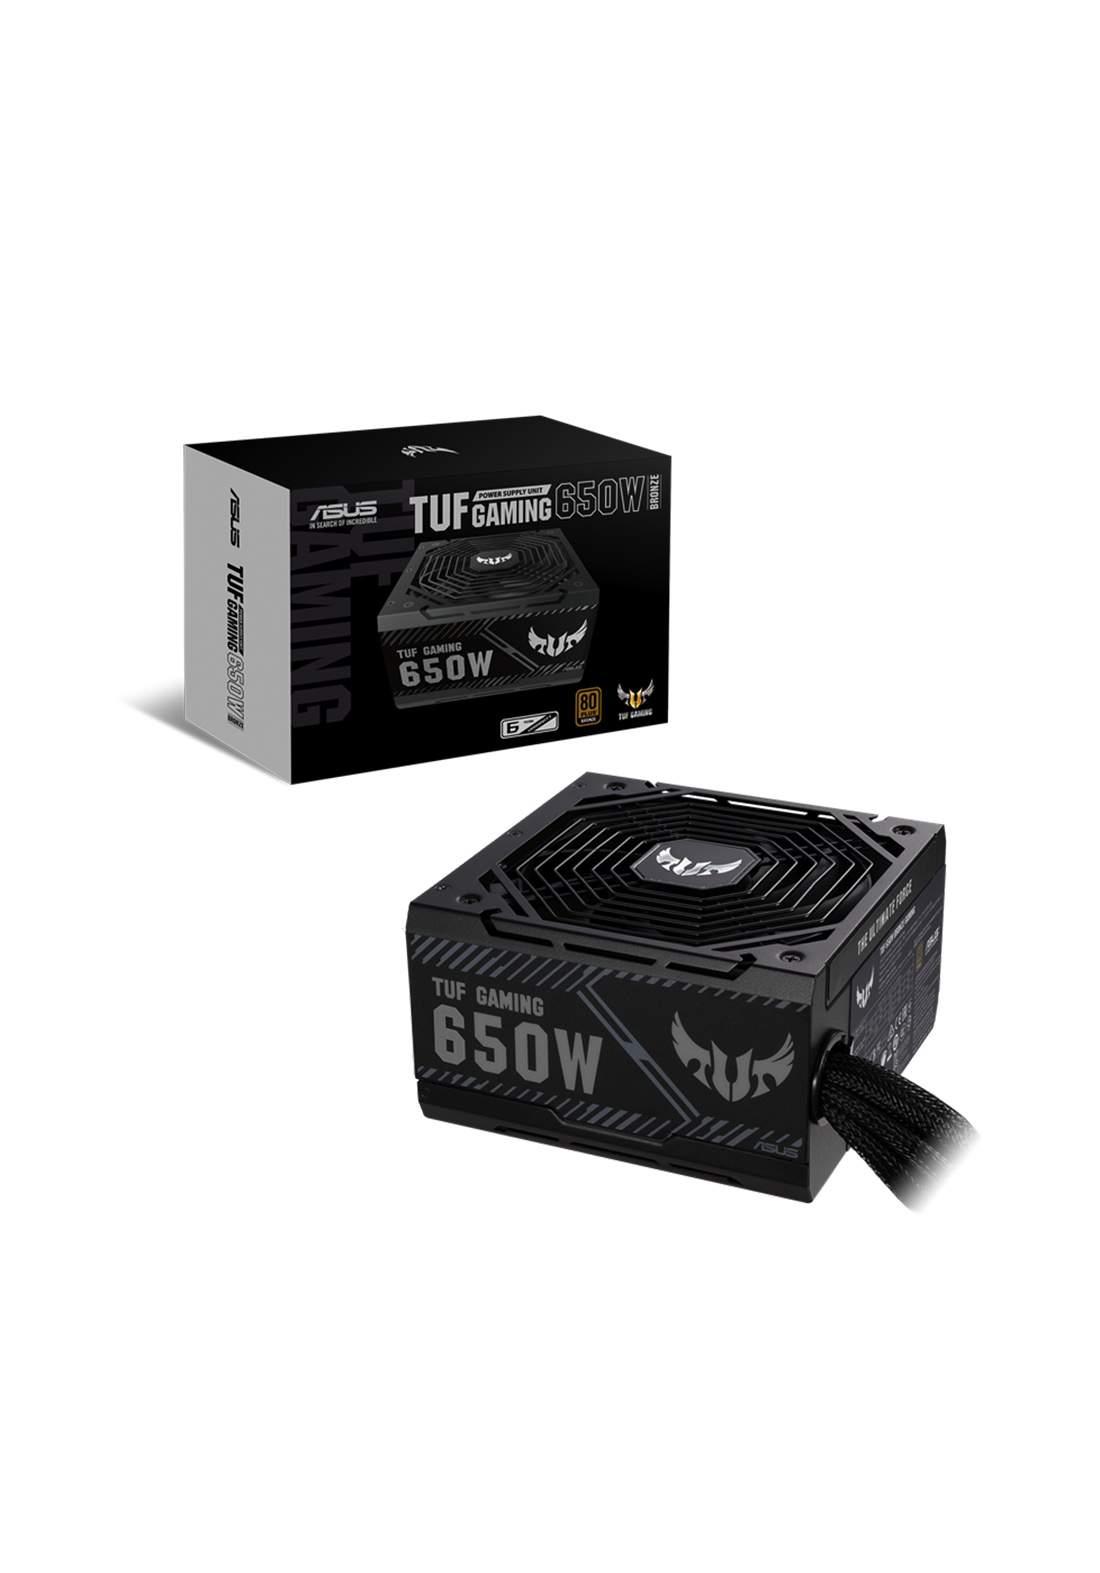 Asus TUF Gaming 650W 80 Plus Bronze Pwer Supply